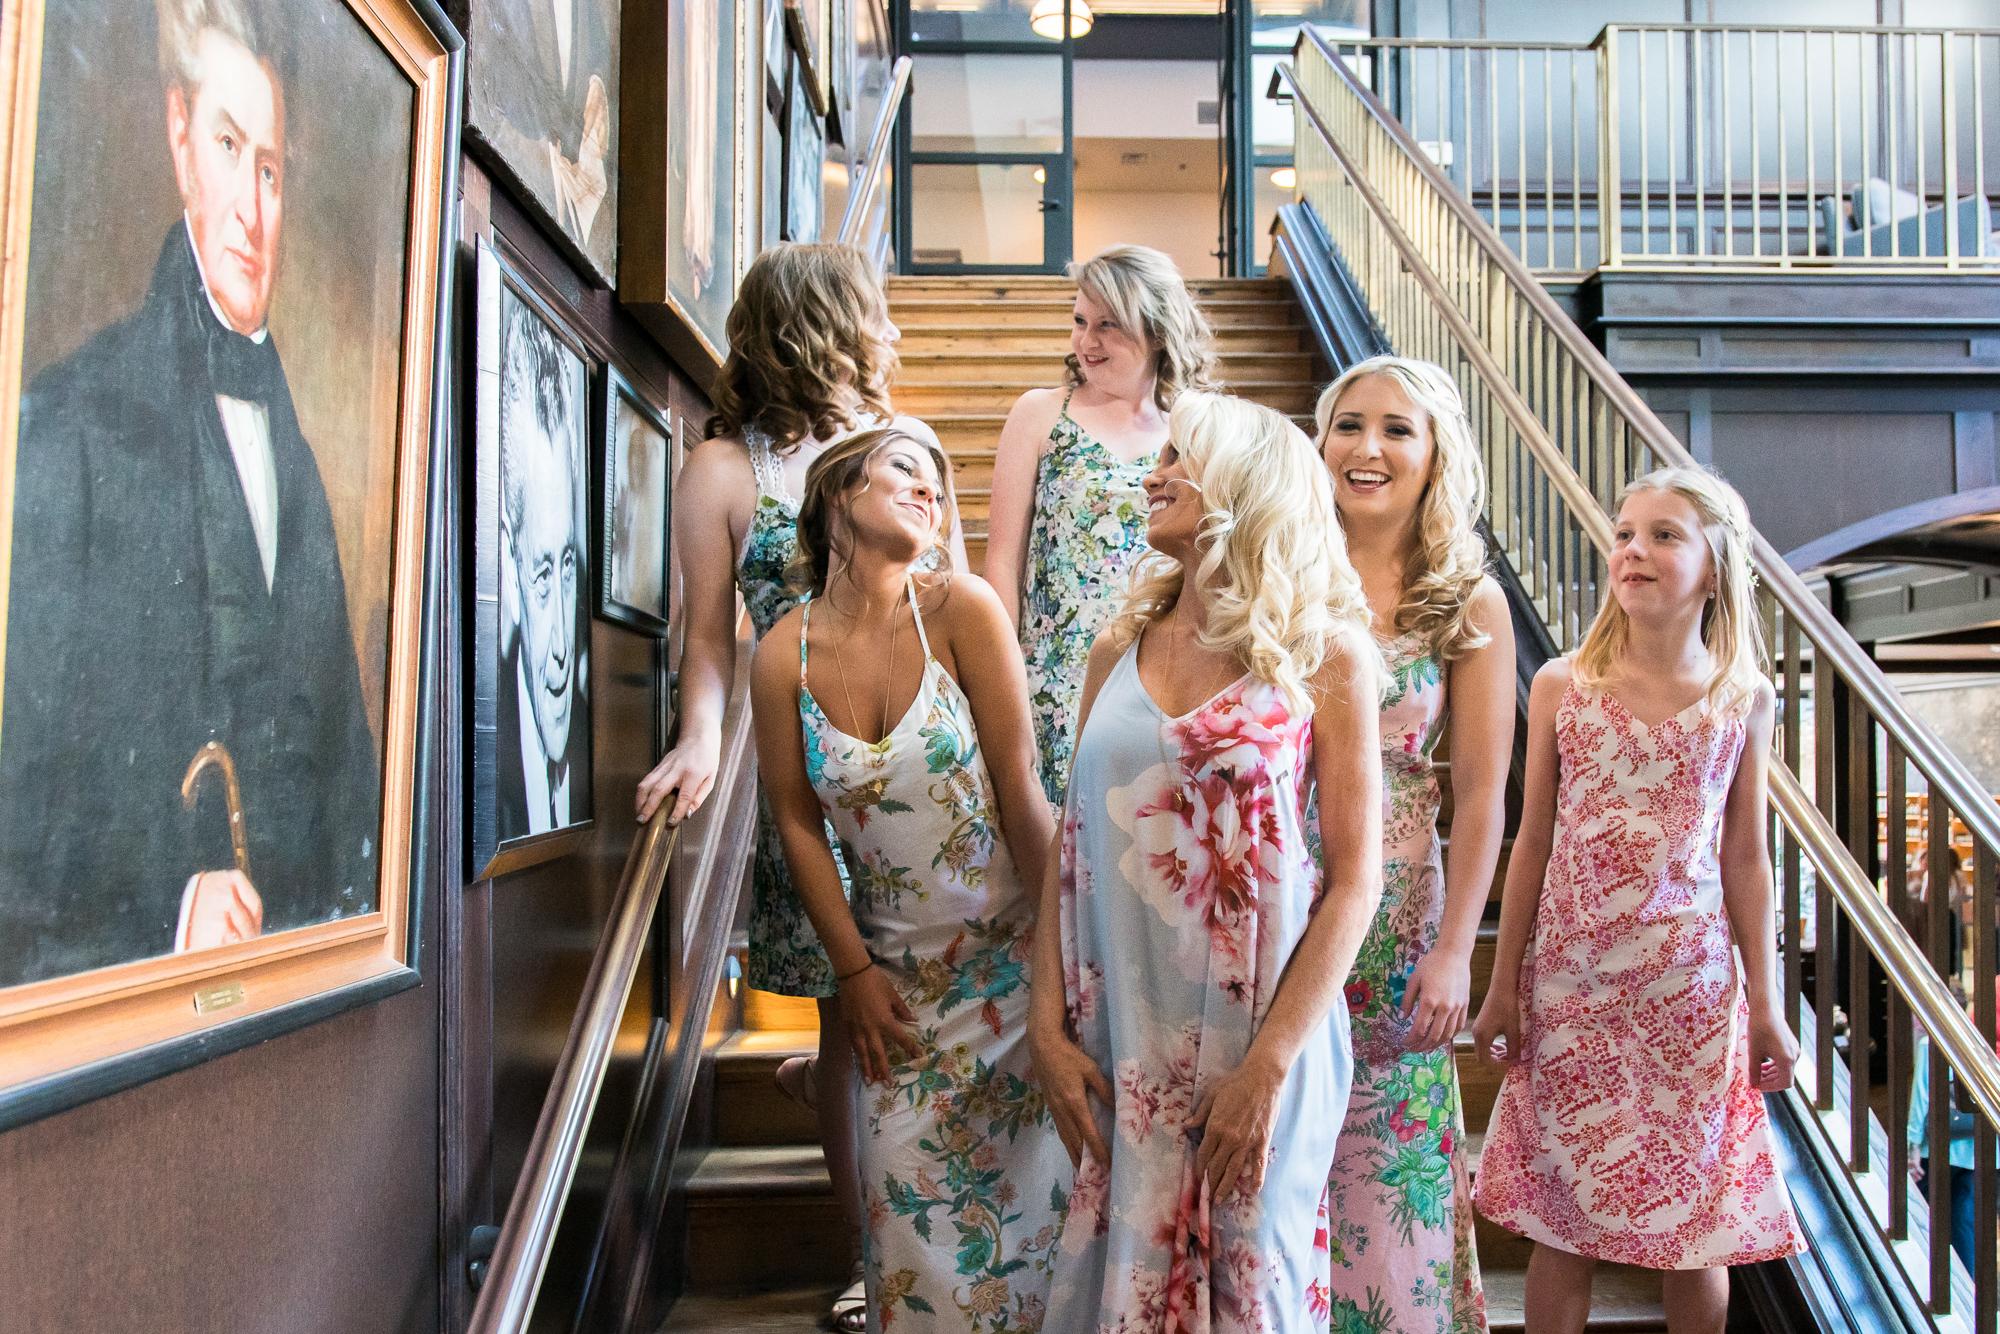 Oxford-Exchange-wedding-photographer, Tampa-wedding-photographer